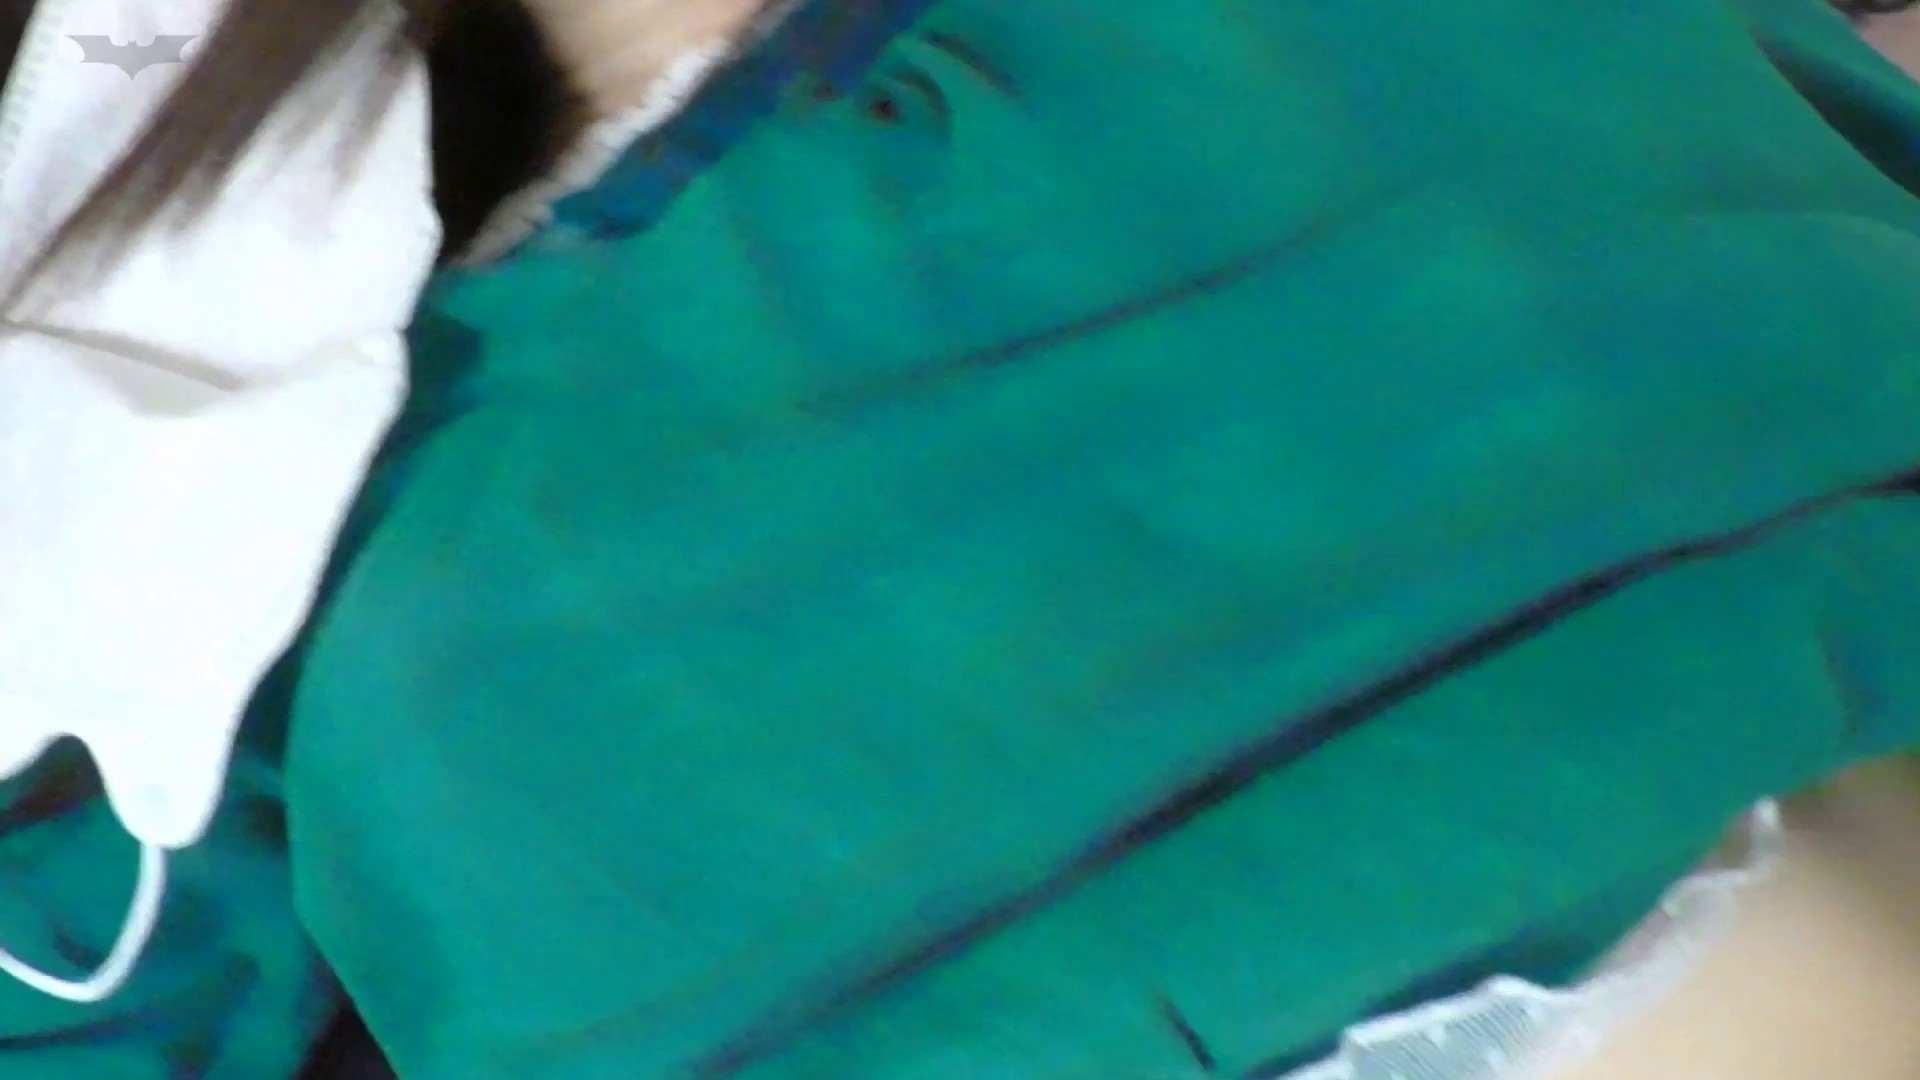 ▲2017_23位▲ 悪戯ネットカフェ Vol16 後篇 2連発!!中と顔に。 OL女体 われめAV動画紹介 93連発 57